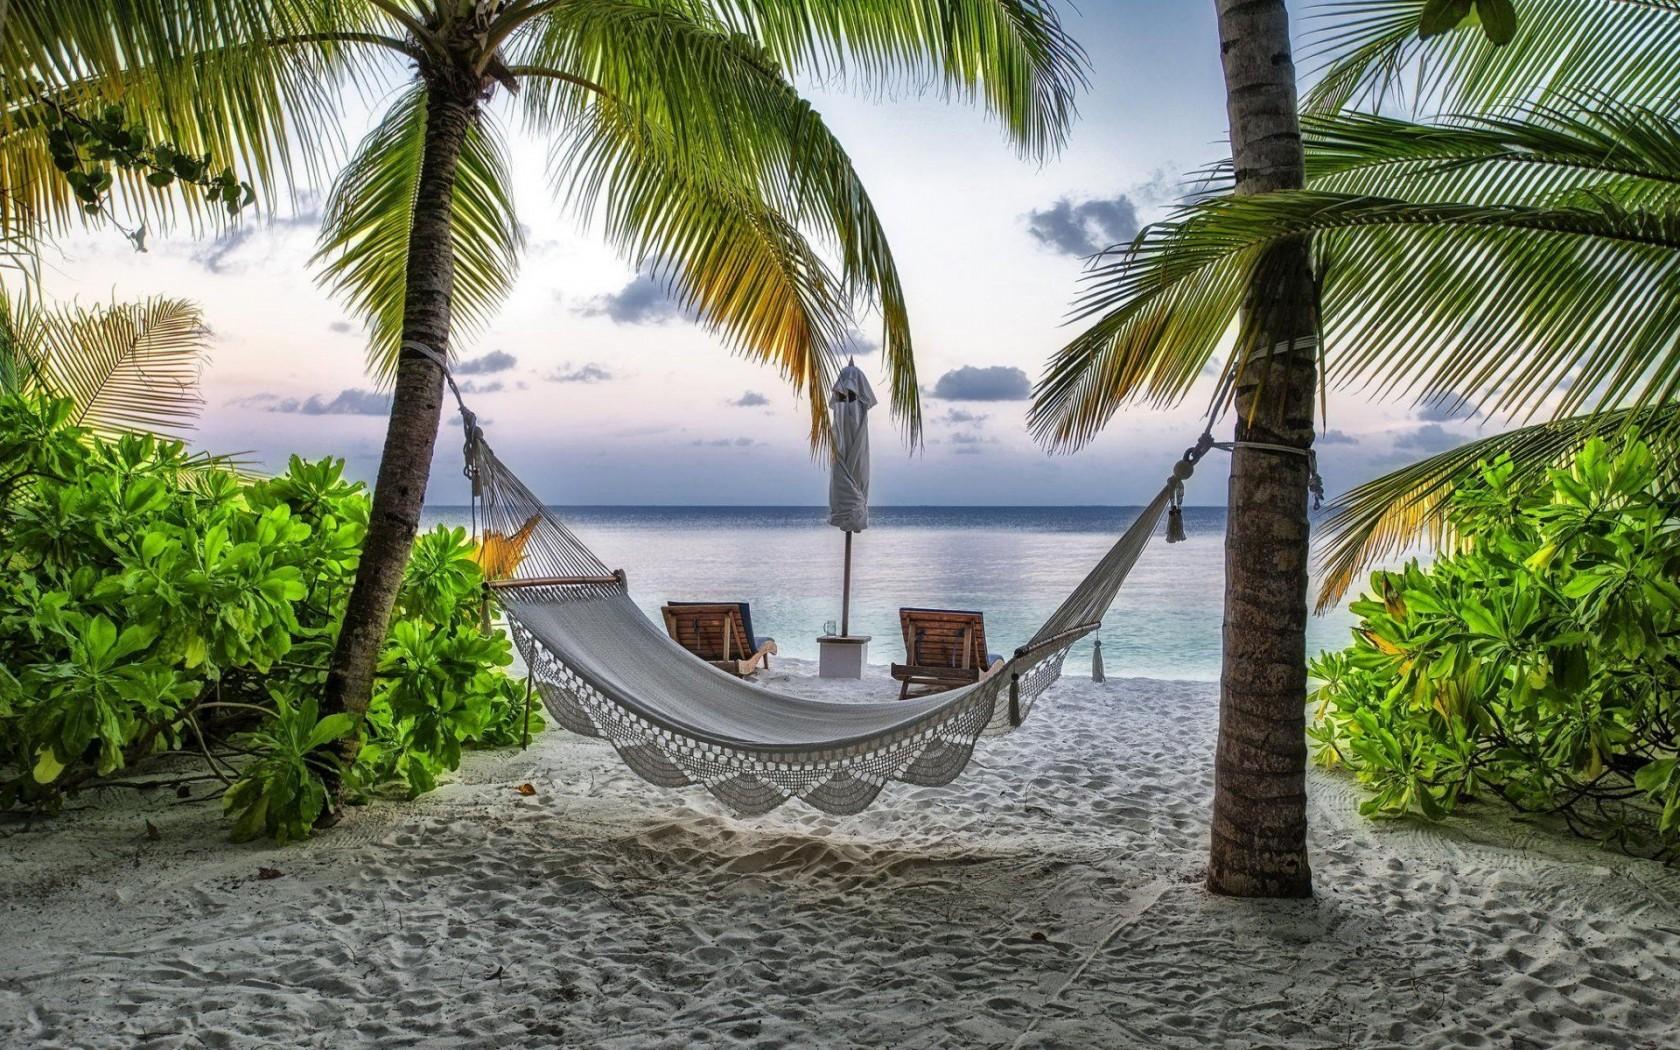 Hammock Beach Landscape Wallpaper HD Download Desktop